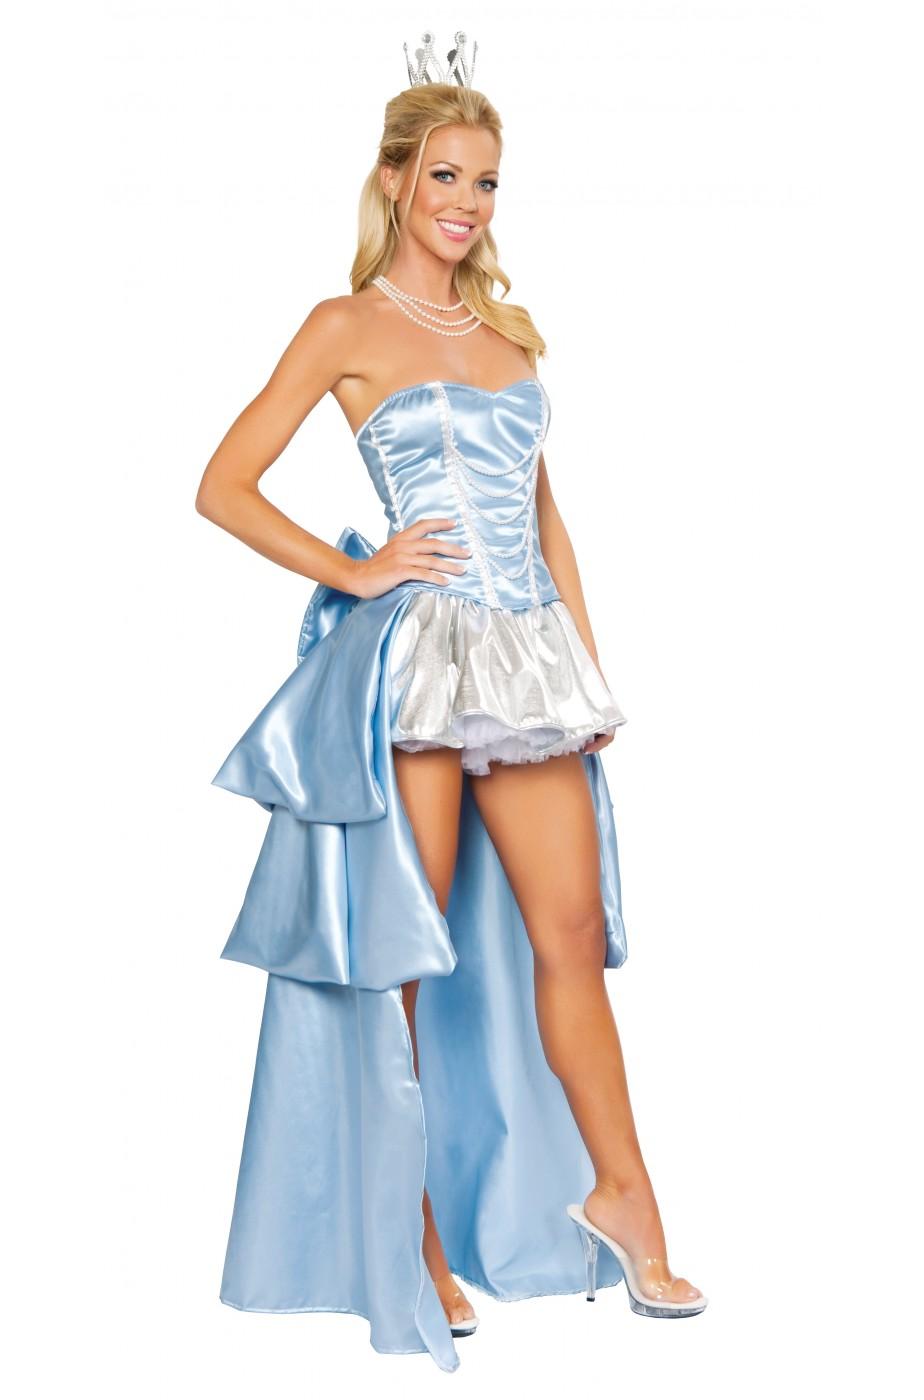 8692900d3df2 vestito di carnevale da principessa azzurra o fata turchina splendido